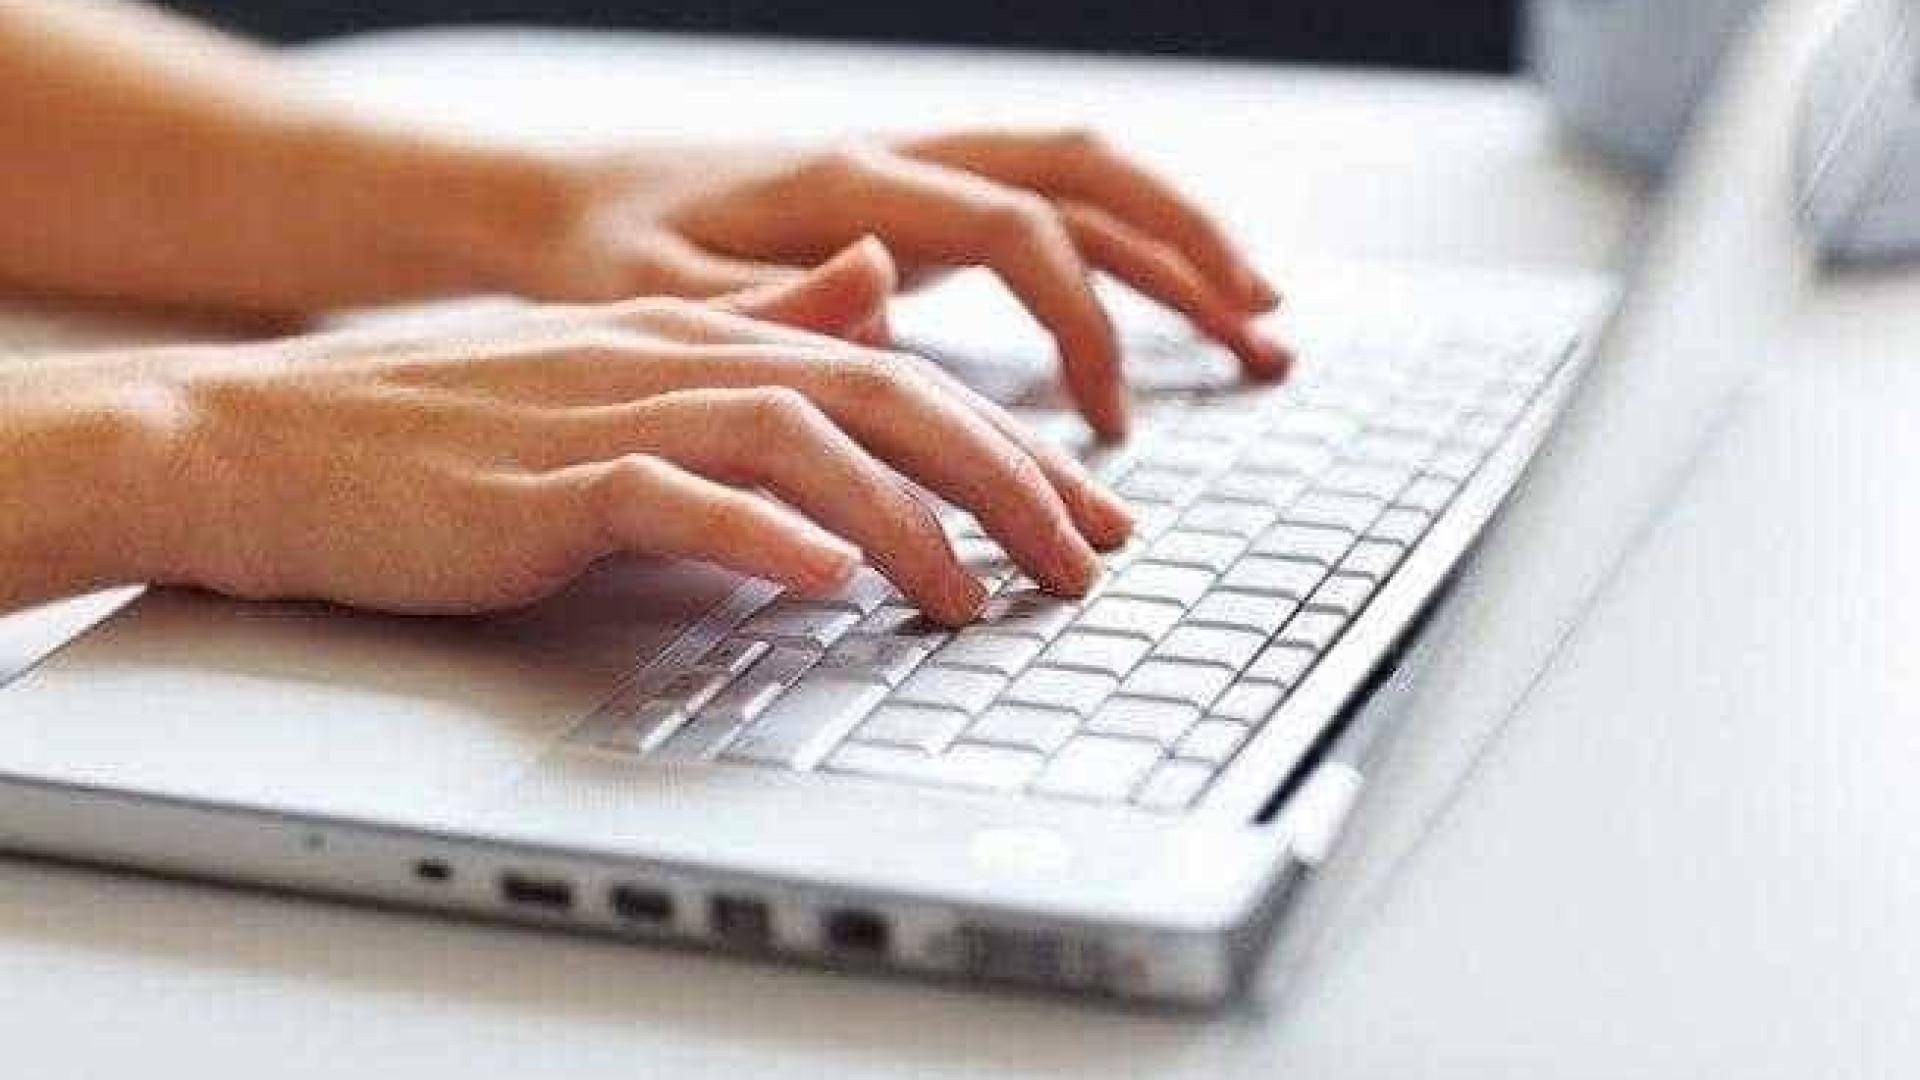 Conheça o transtorno de dependência da internet